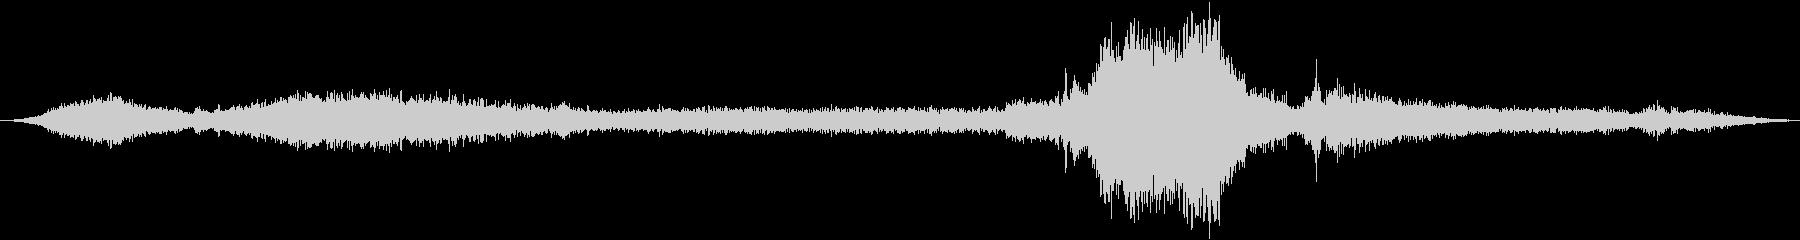 スクールバス:内線:中速で左にアプ...の未再生の波形